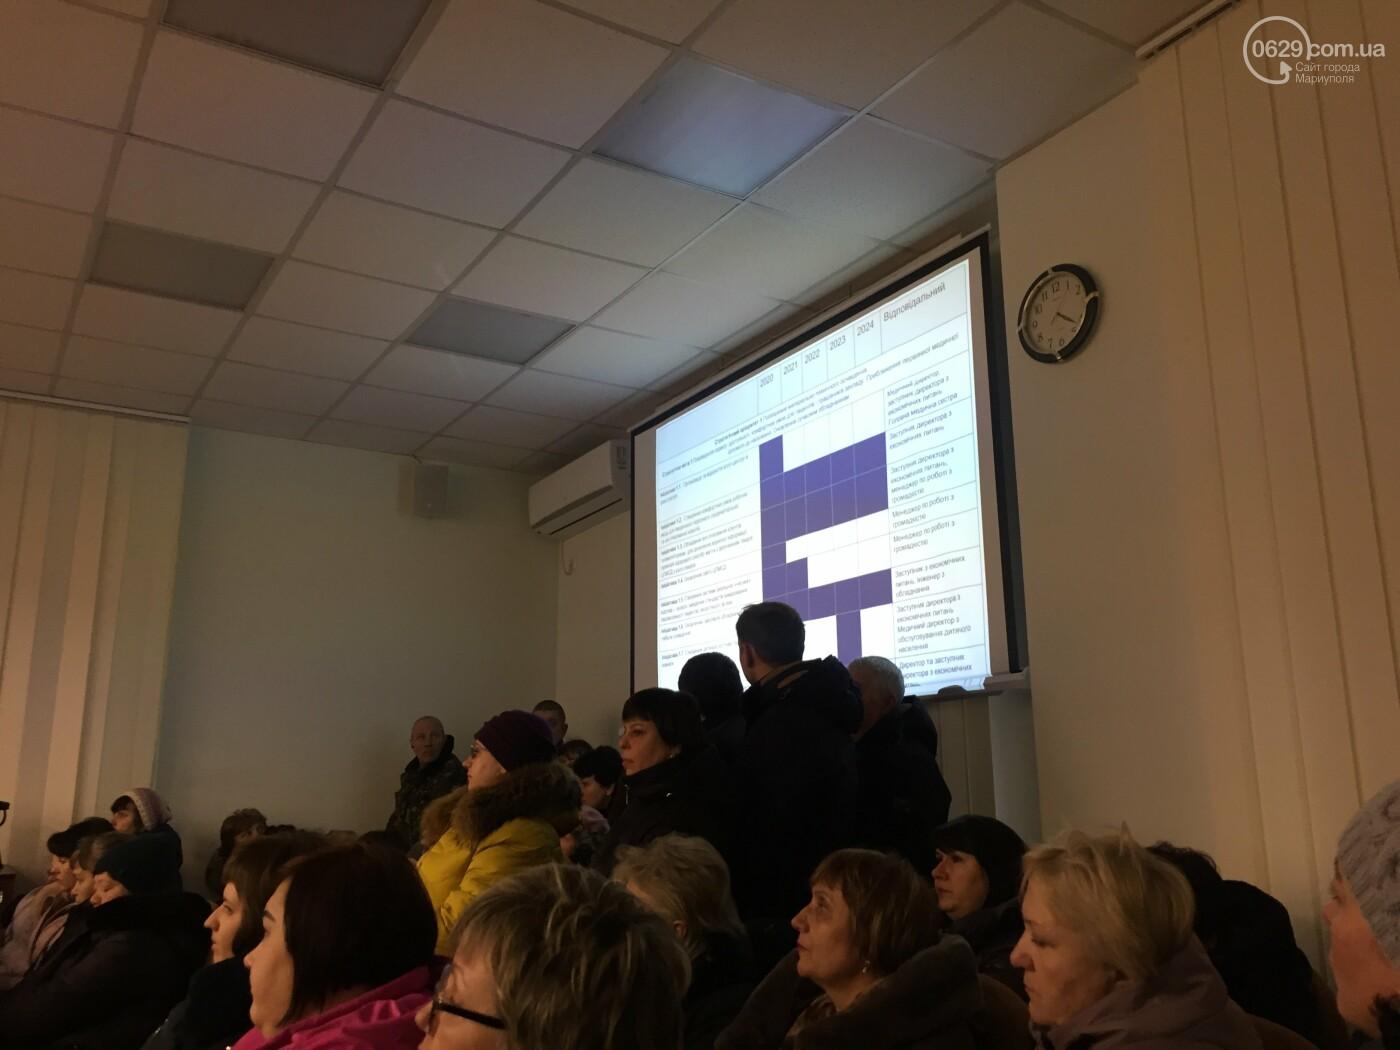 Макарова уходит? Как в Мариуполе выбирали заведующего поликлиникой №2, фото-6